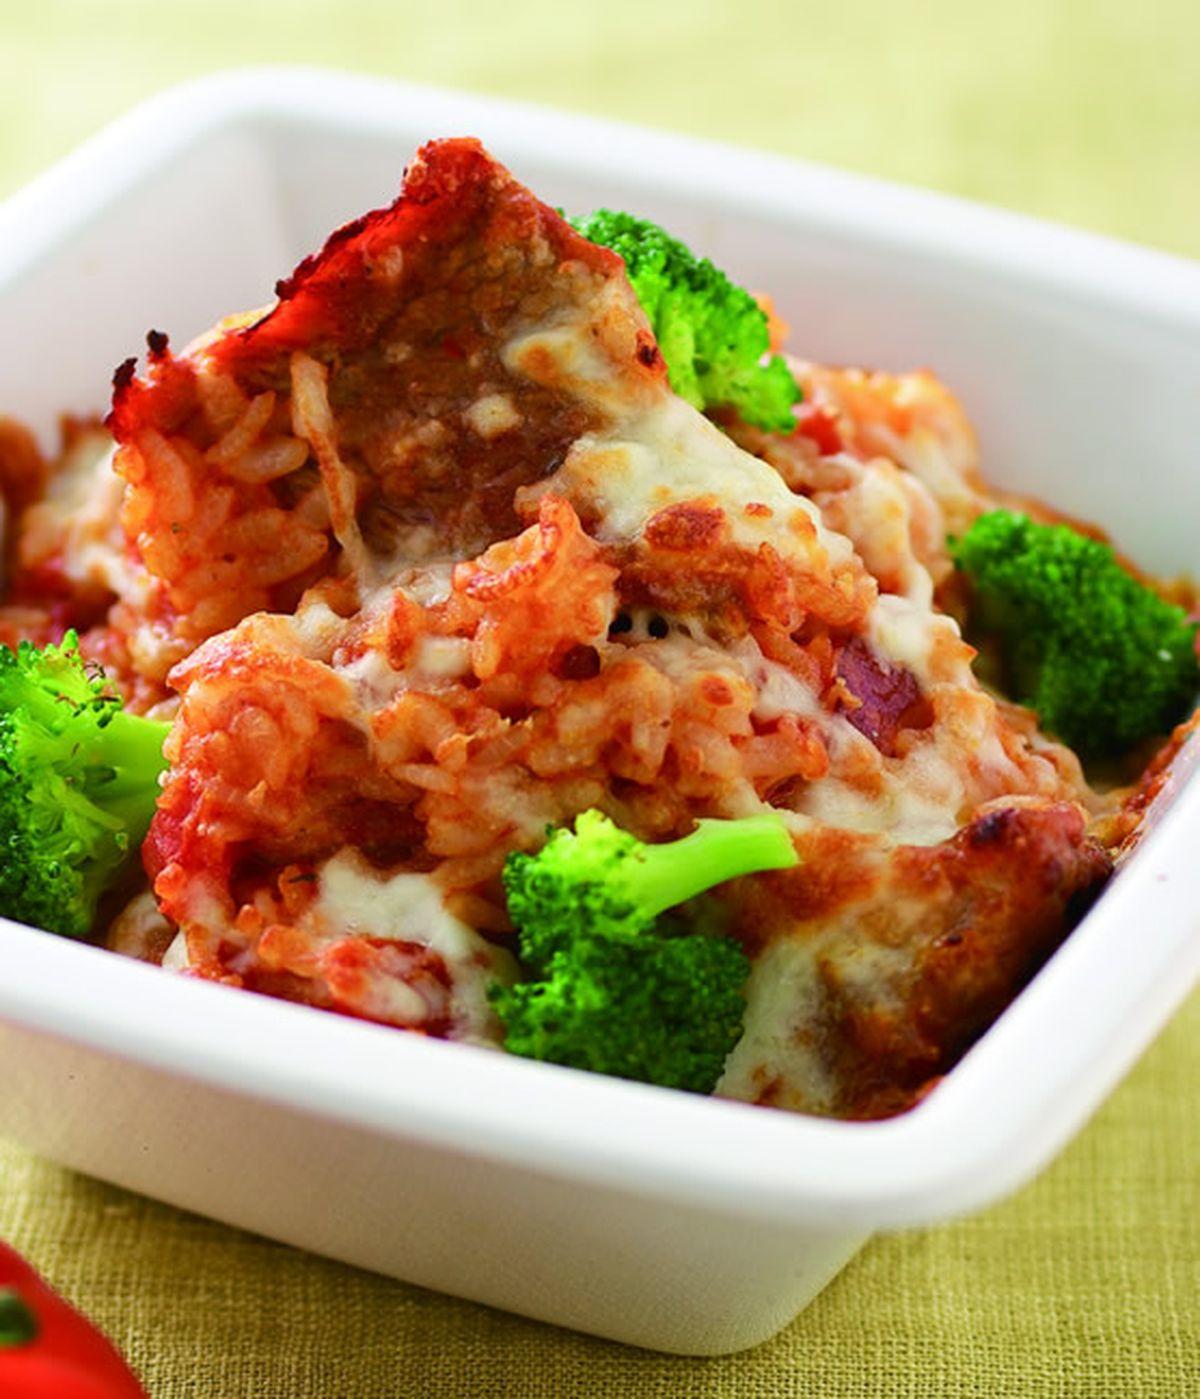 食譜:洋蔥豚肉焗飯